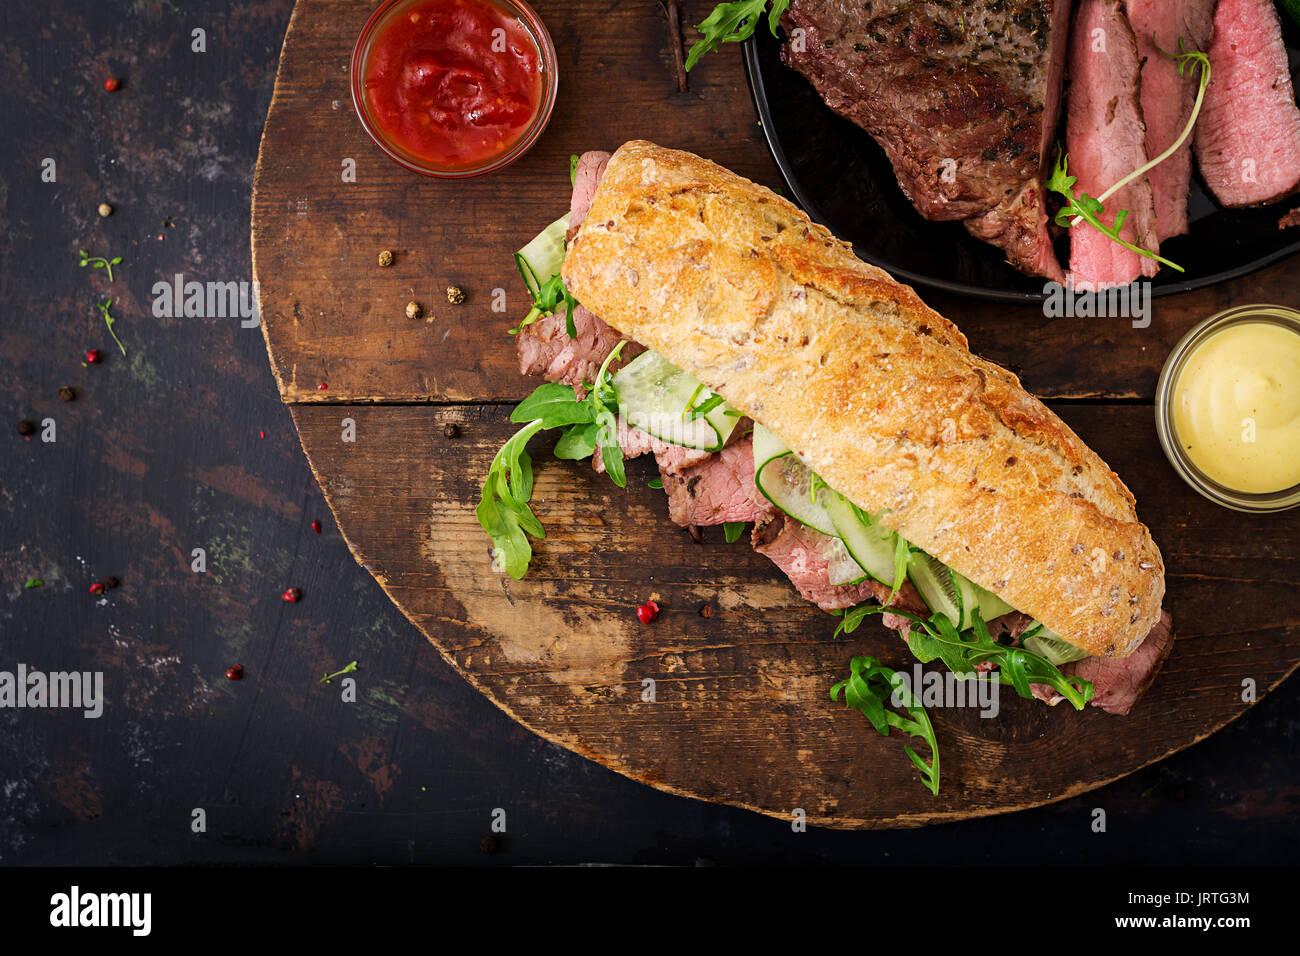 Sandwich von Vollkornbrot mit Roastbeef, Gurke und Rucola. Ansicht von oben. Flach. Stockbild